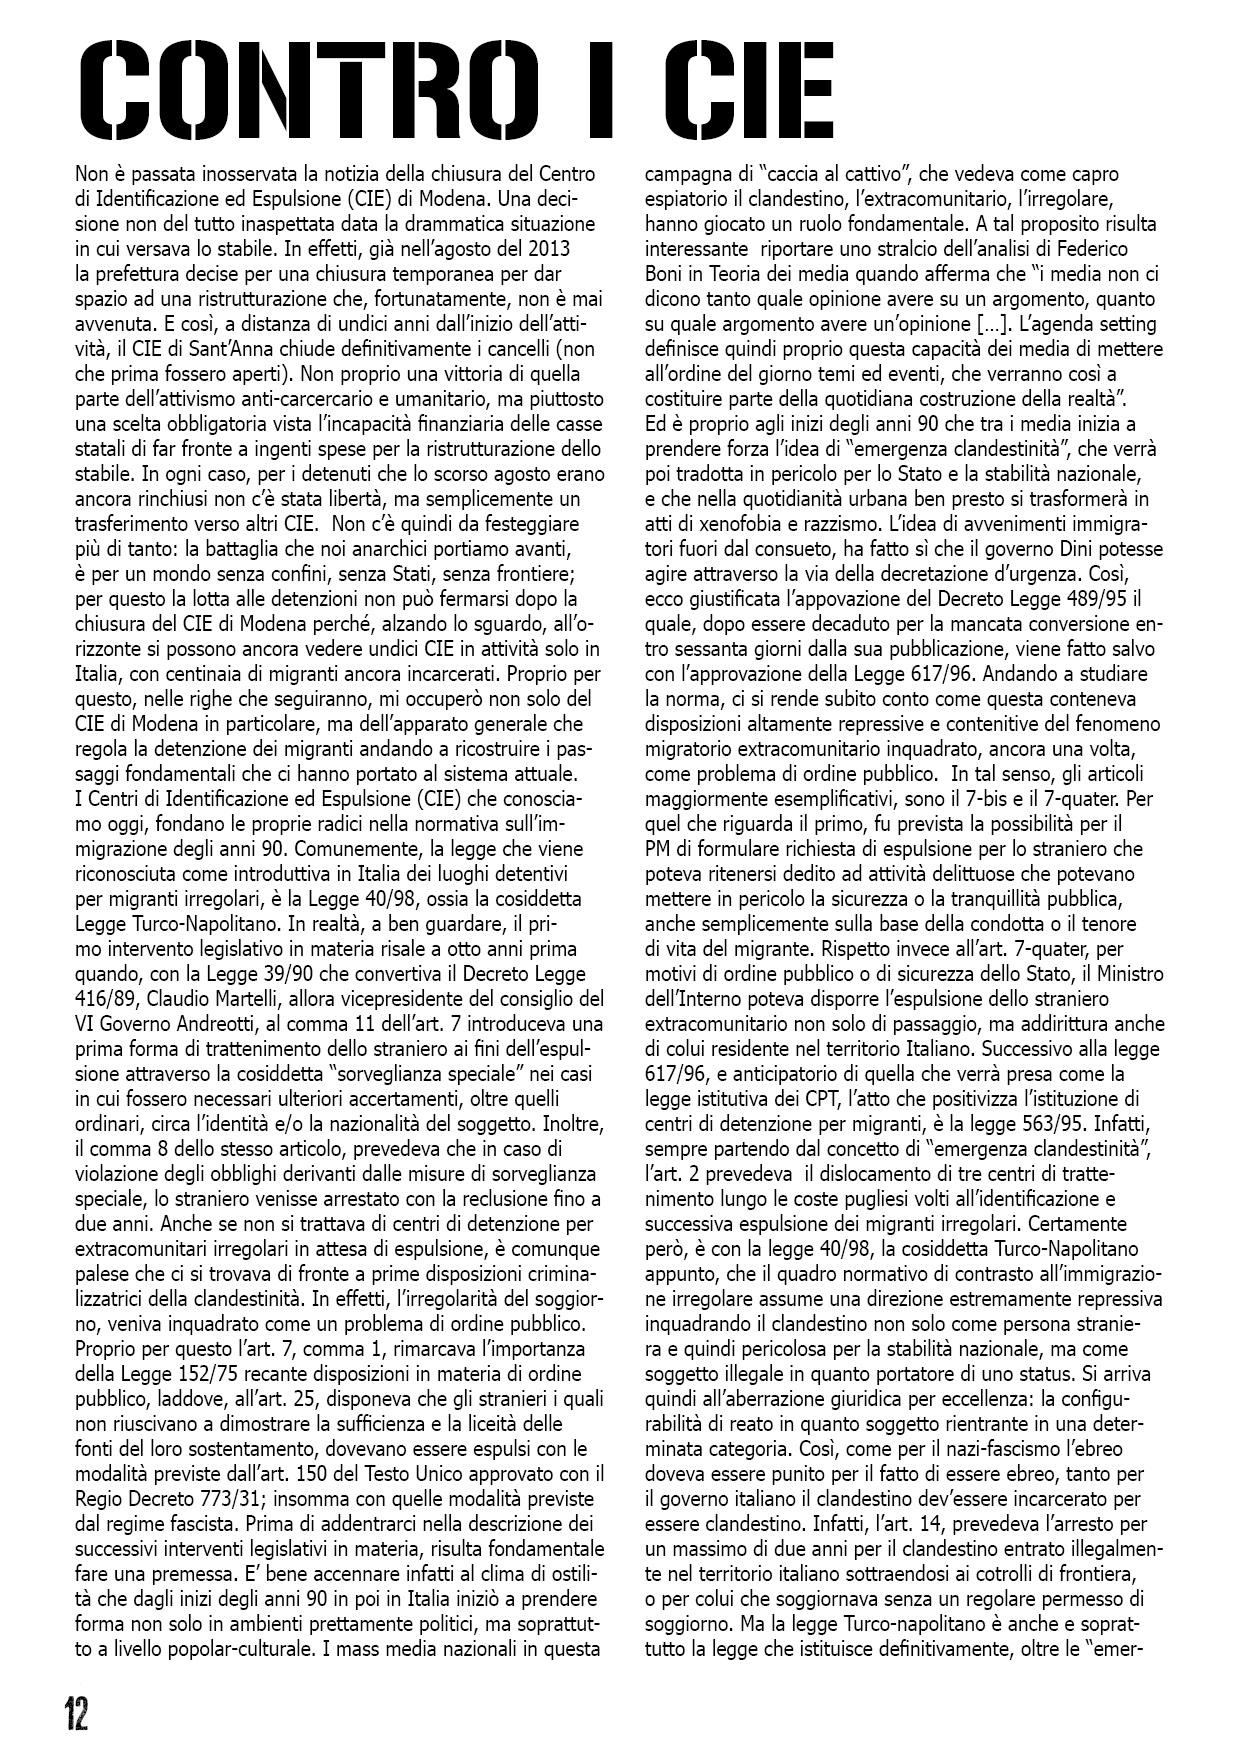 GIORNALE STELLA NERA pag12